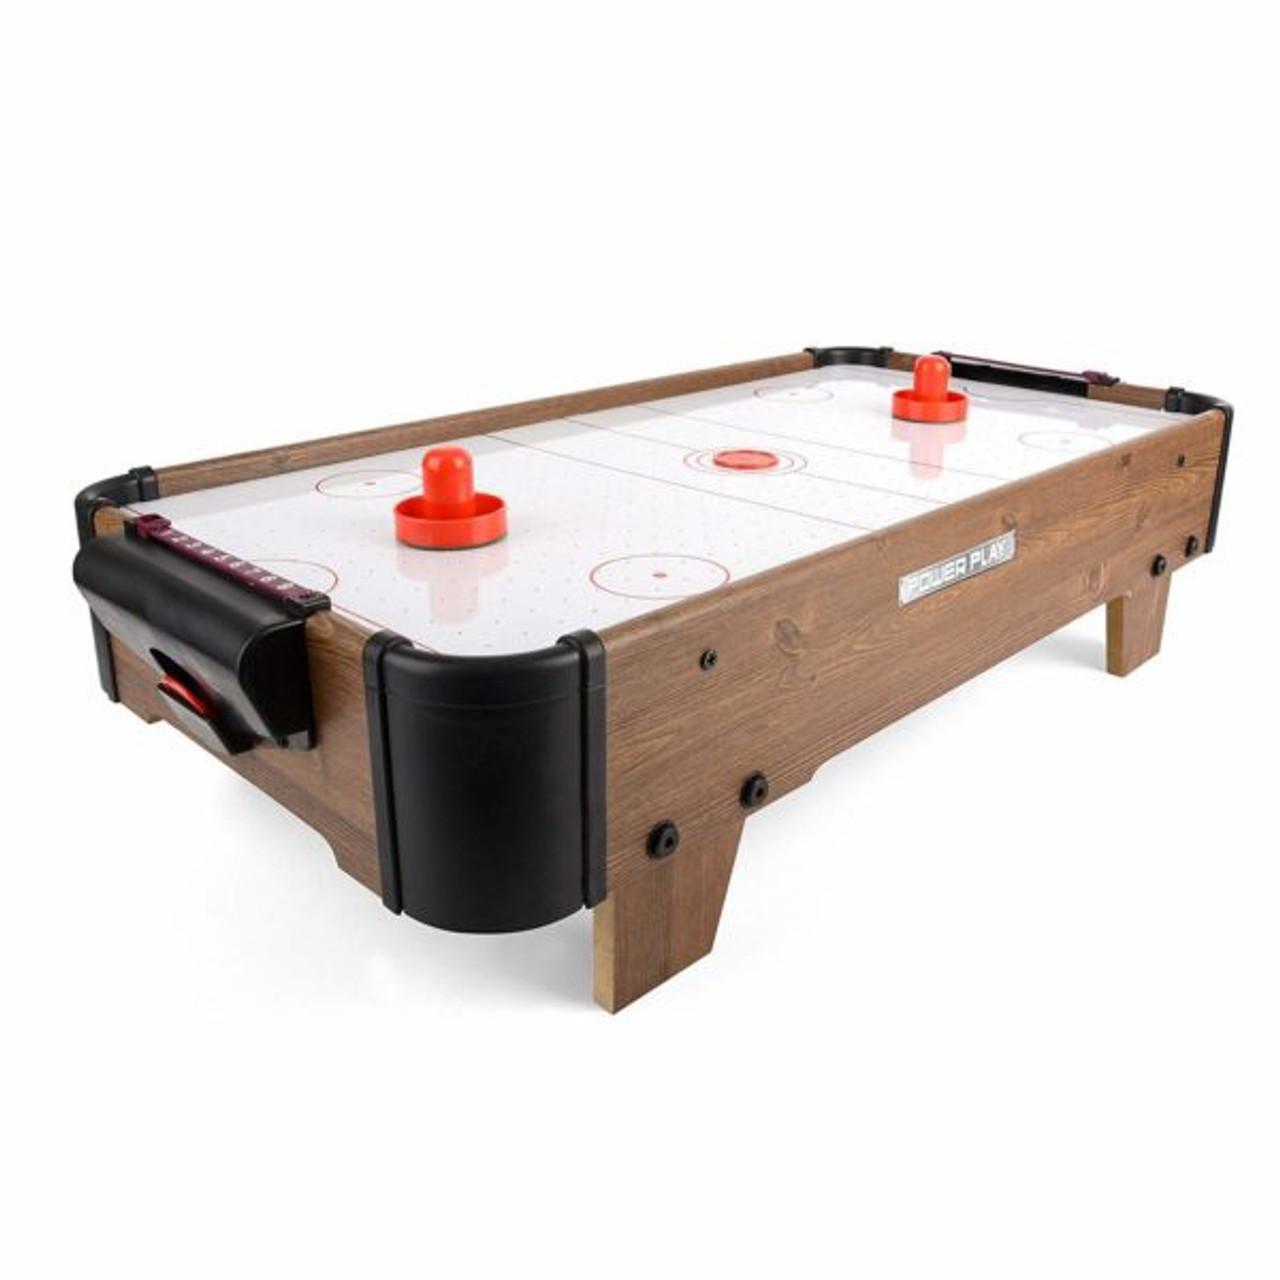 POWER PLAY 28 AIR HOCKEY TABLE TOP